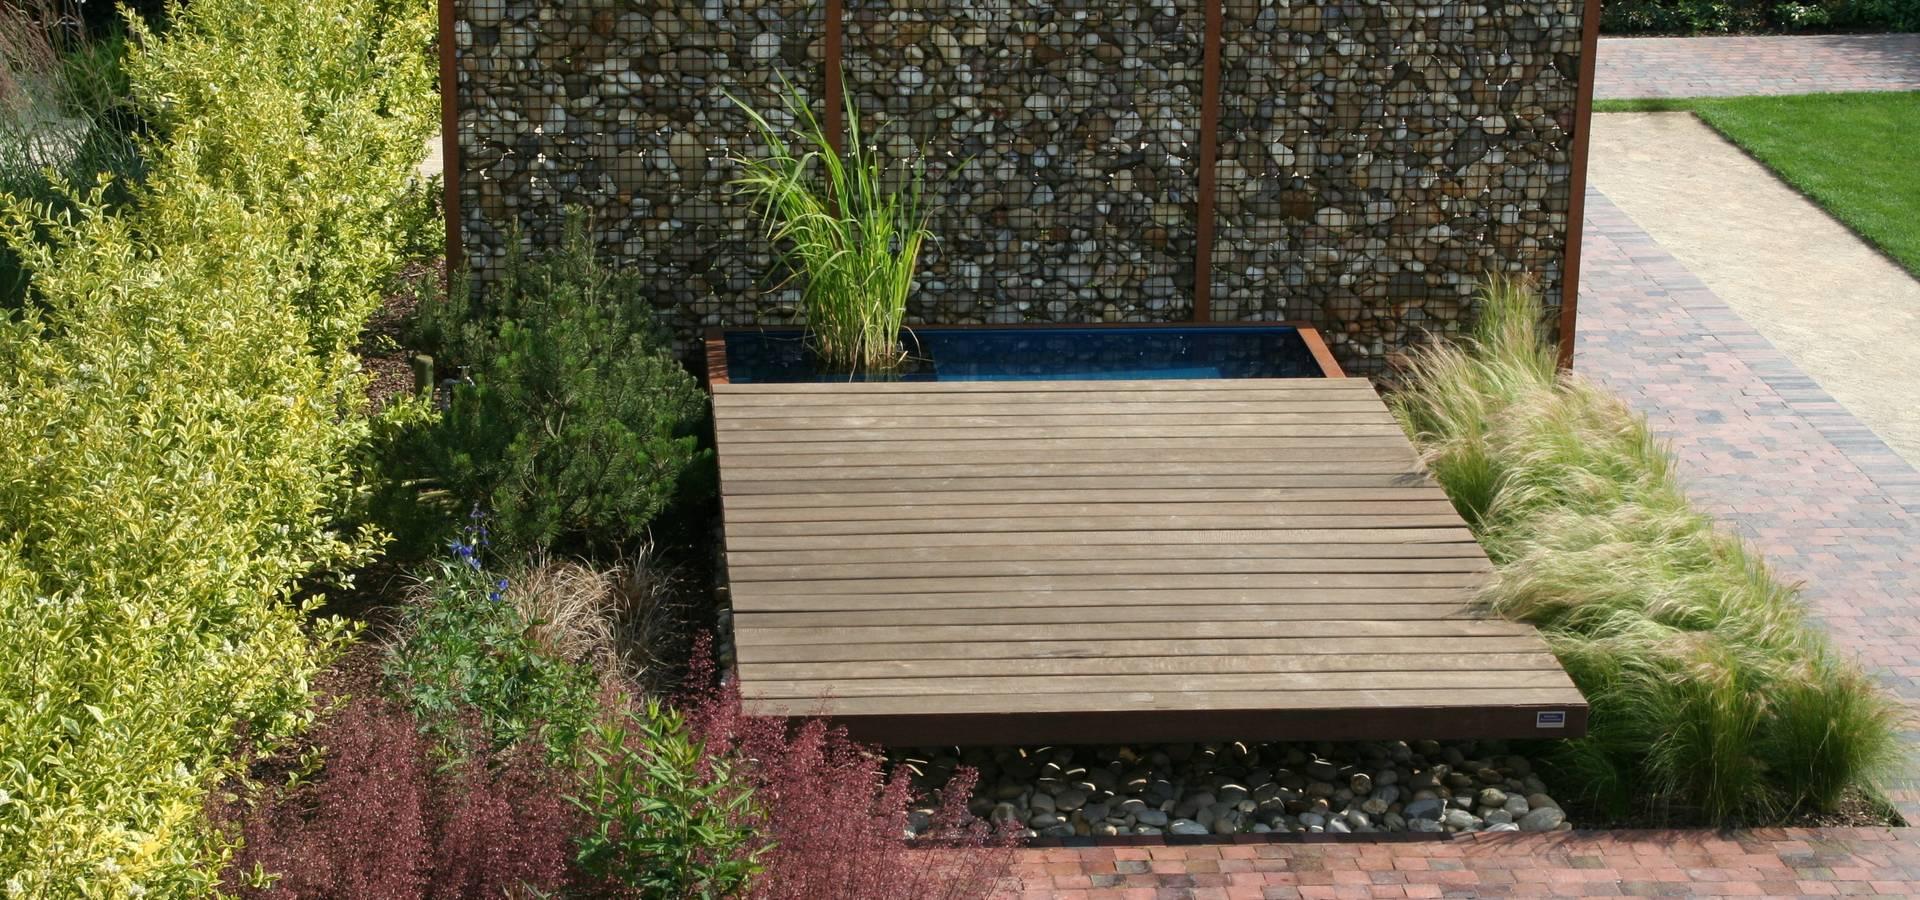 saunahaus by beate schr der landschaftsarchitektin homify. Black Bedroom Furniture Sets. Home Design Ideas